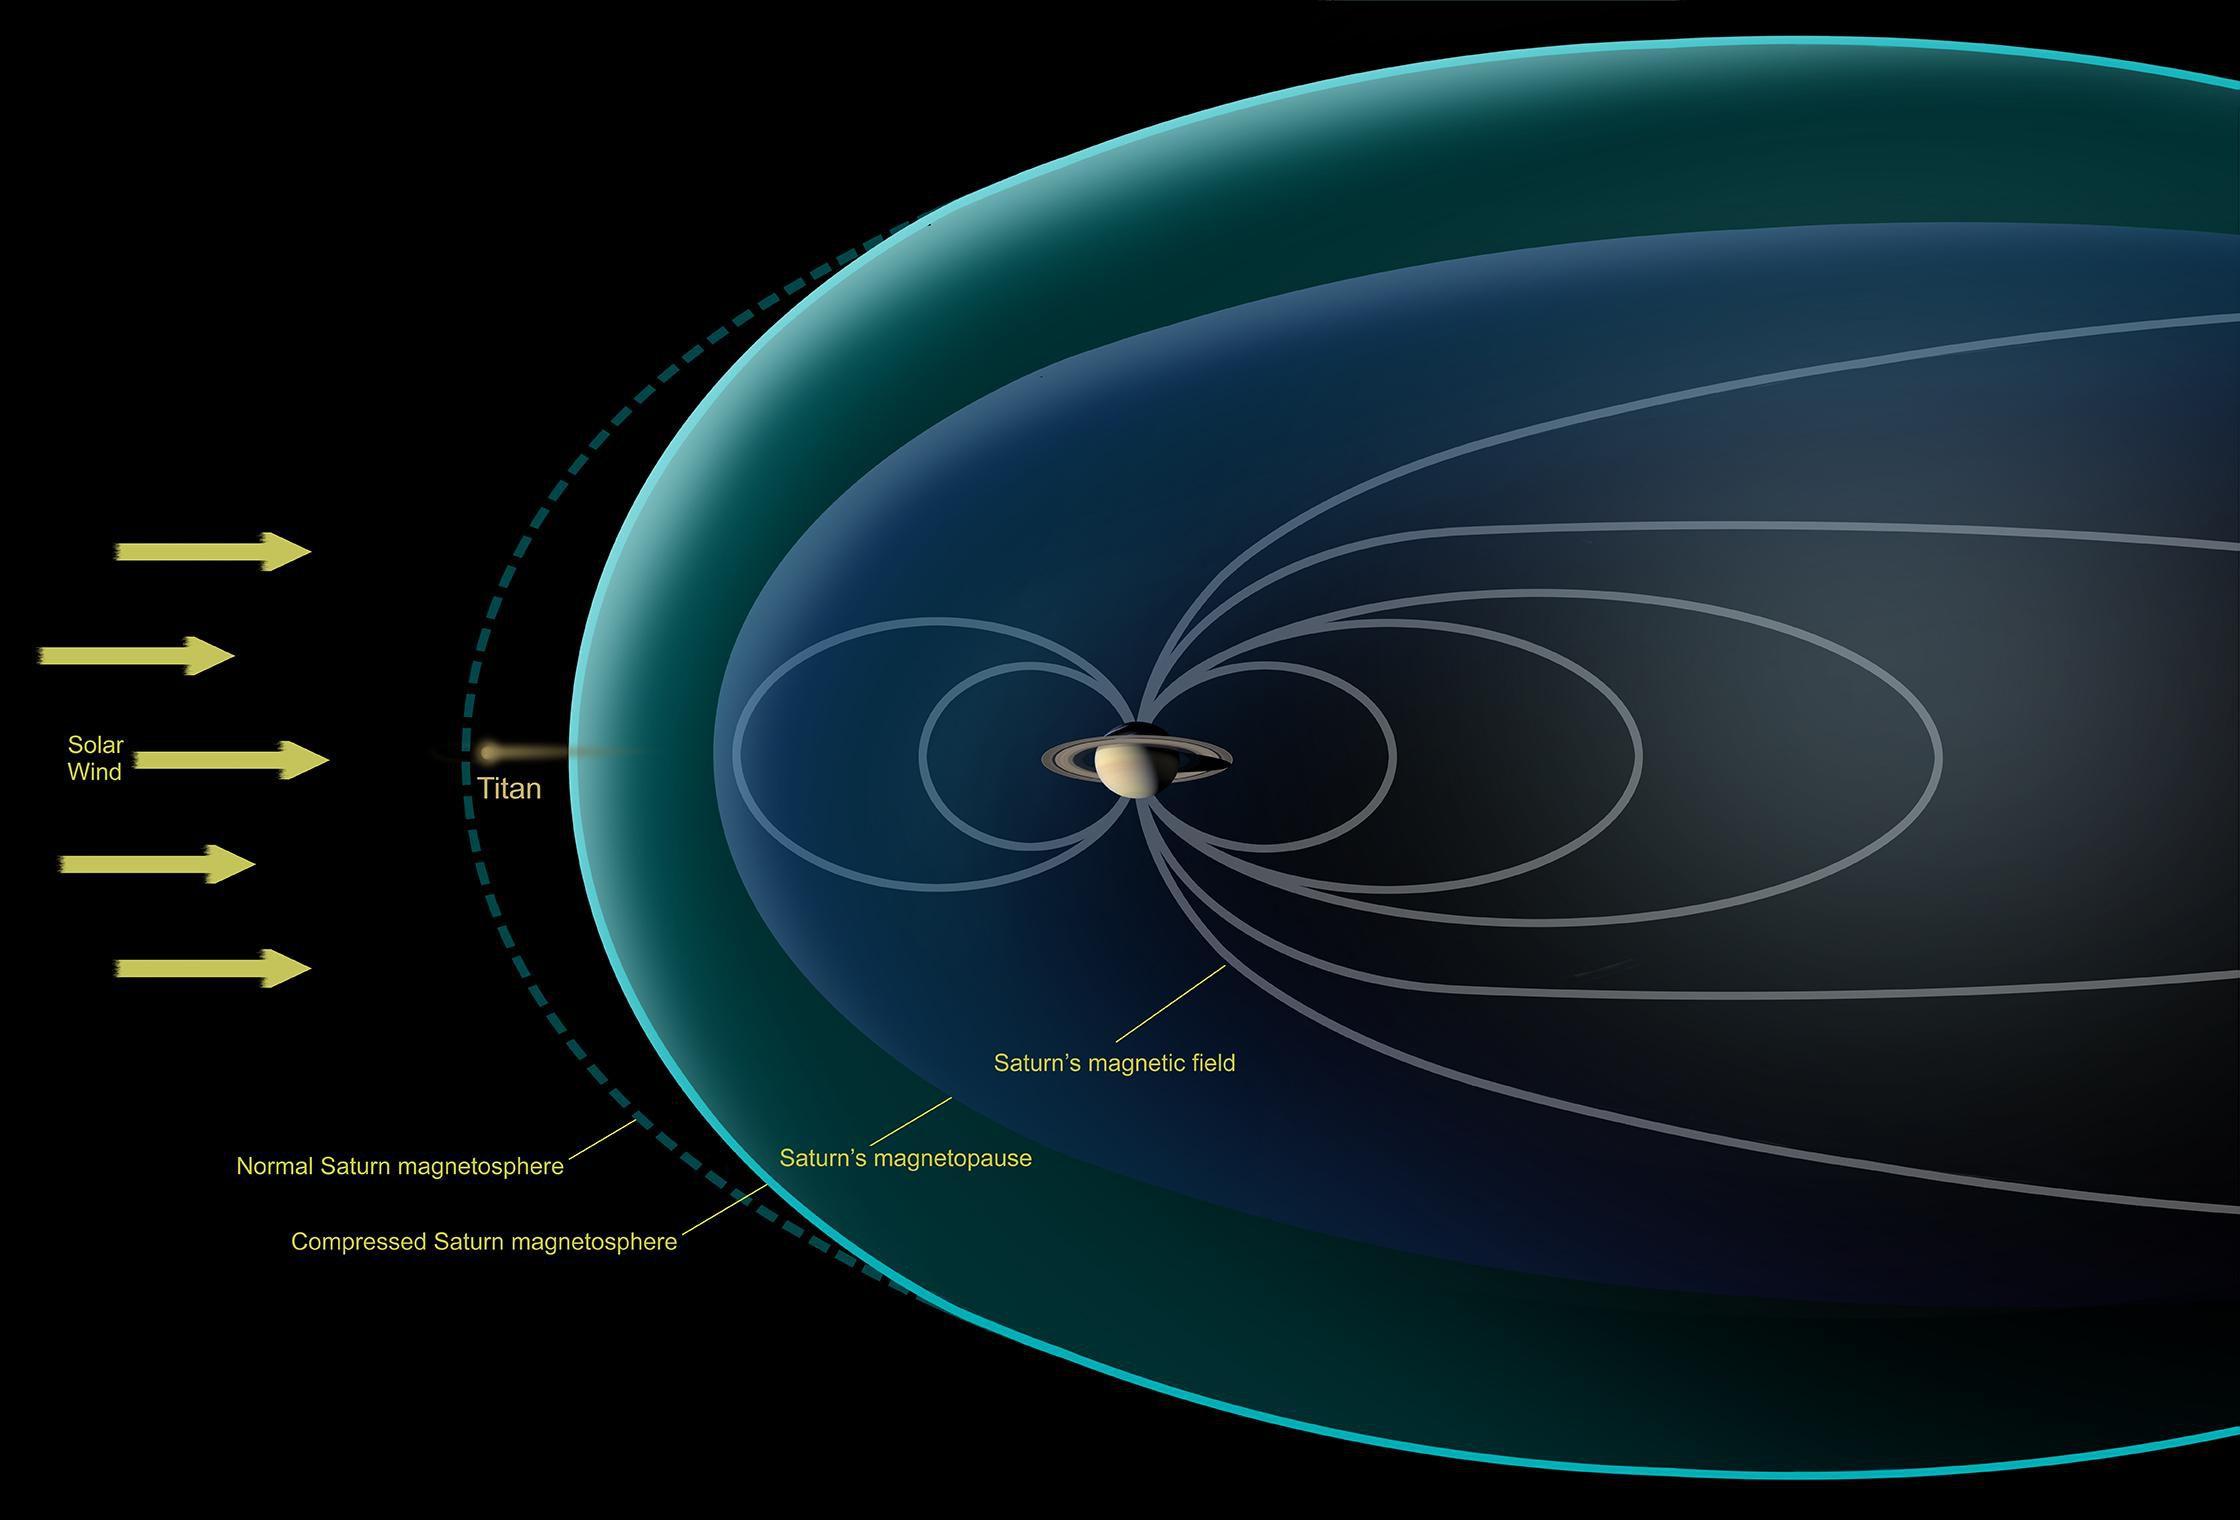 �� Cassini ���������� ����������� ����� � ������ ���������� �����